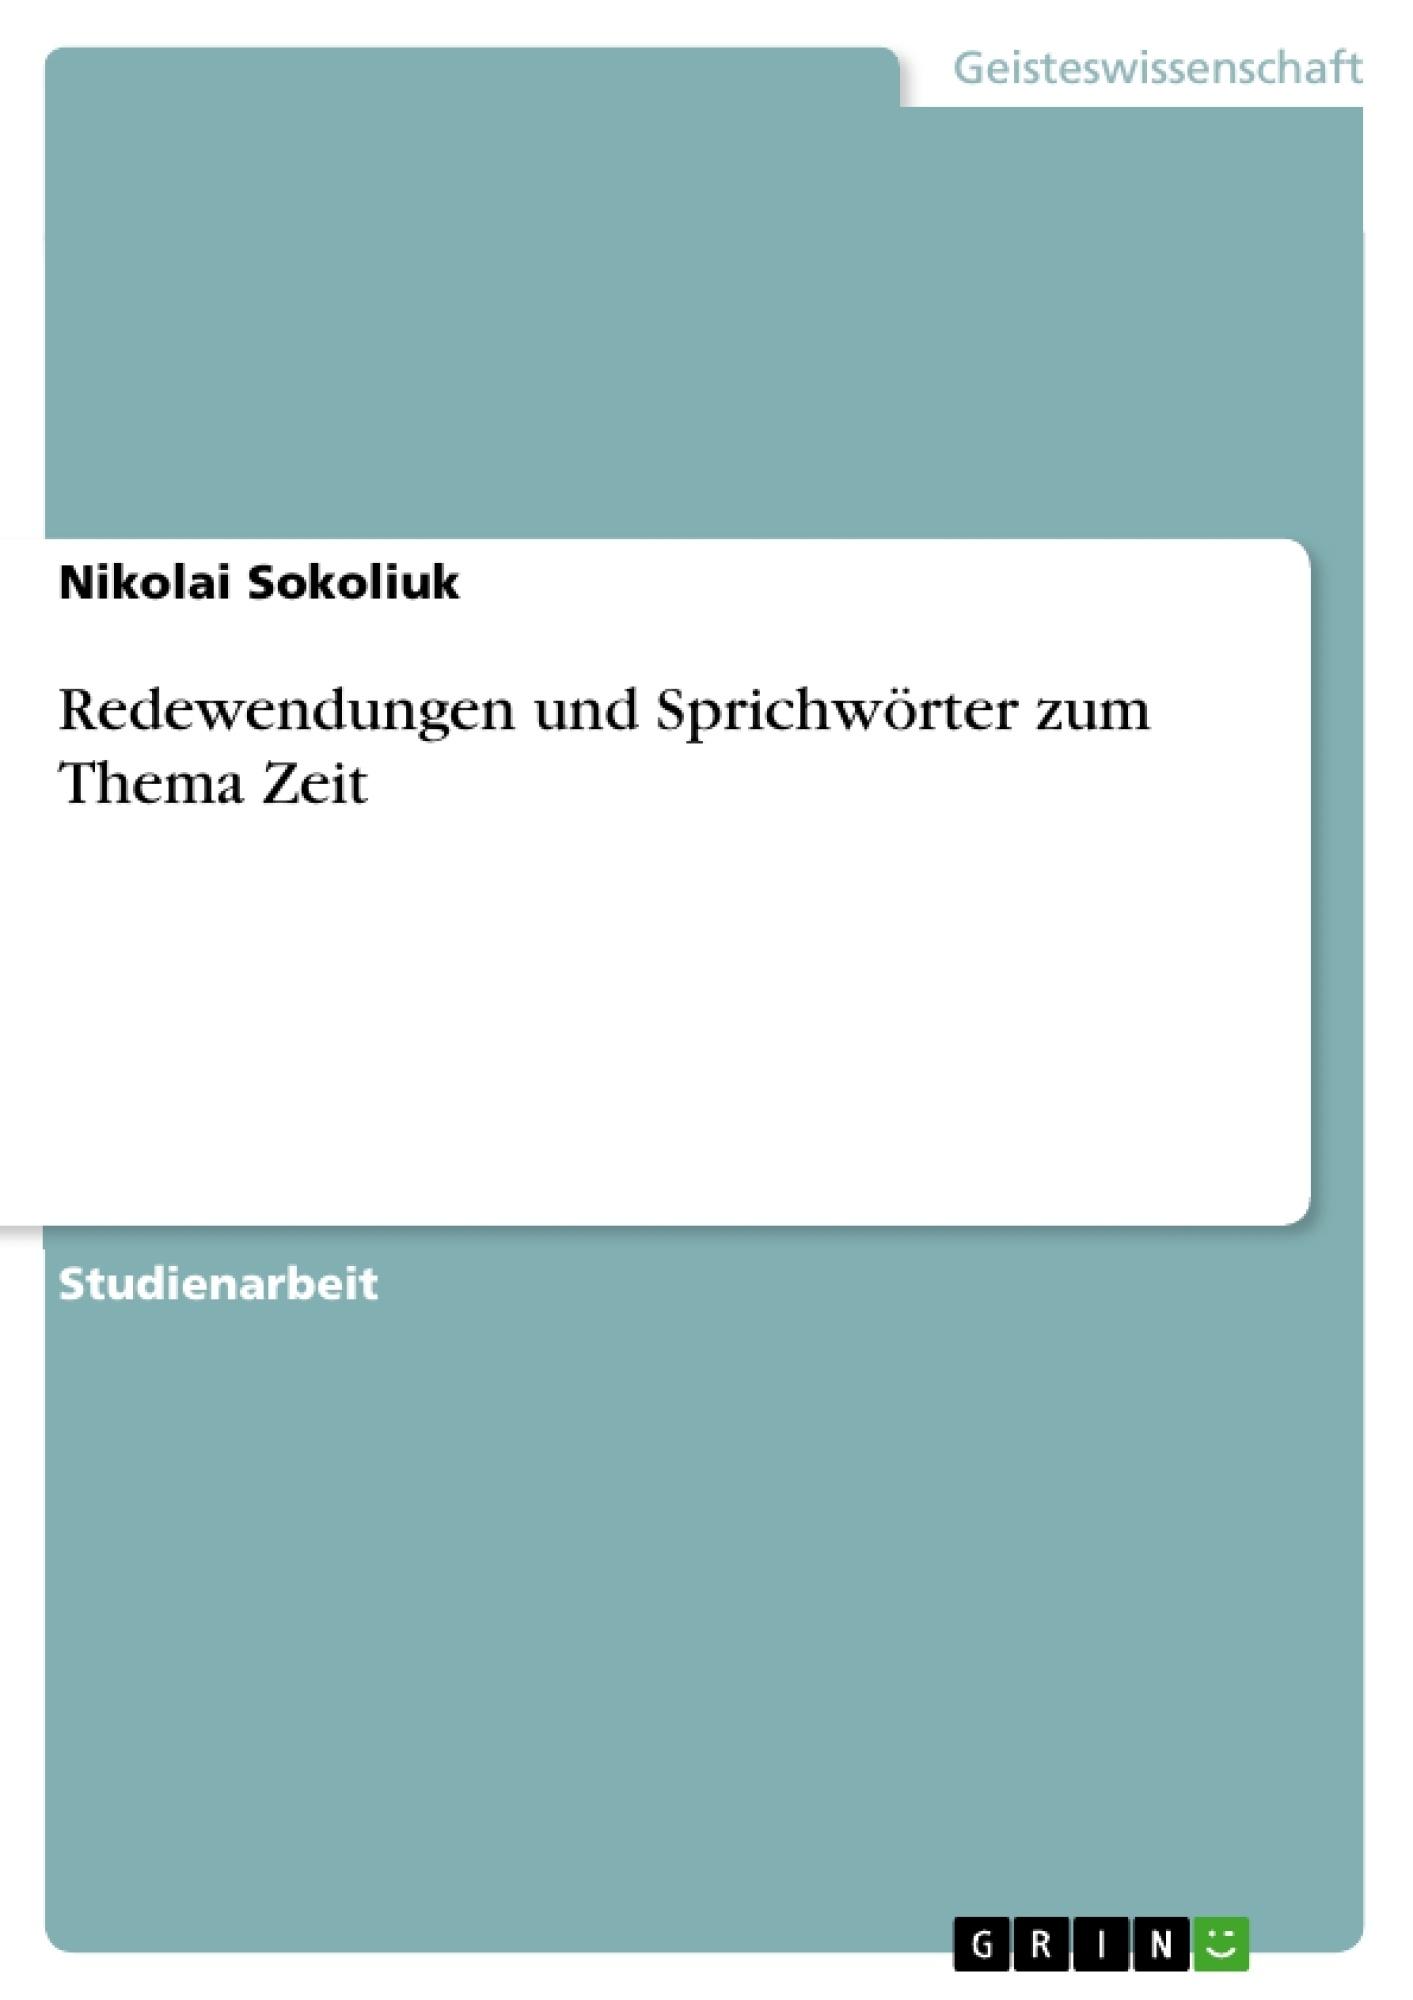 Titel: Redewendungen und Sprichwörter zum Thema Zeit